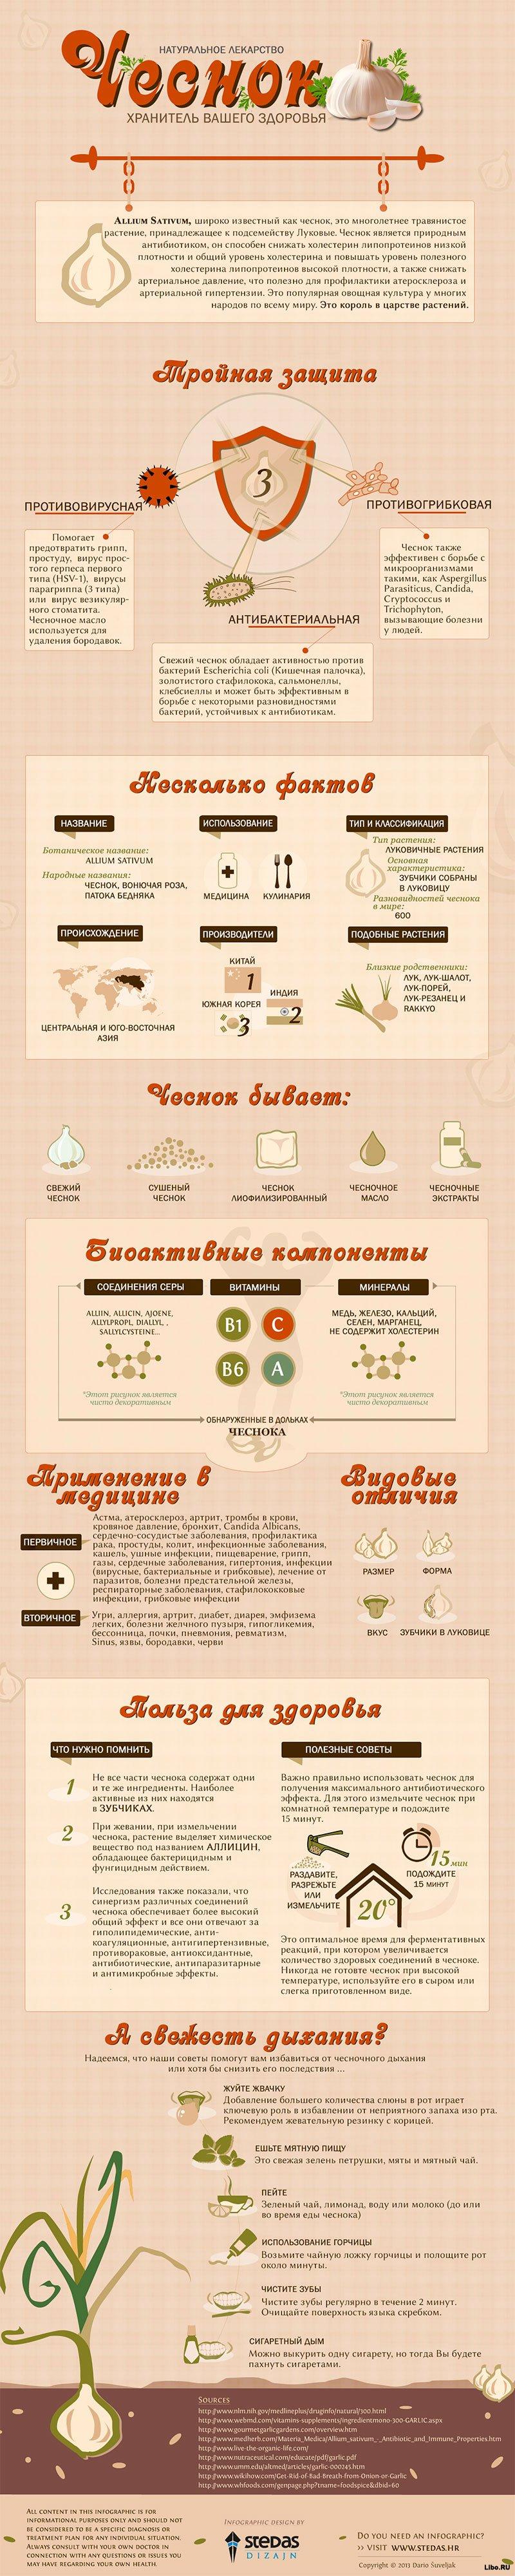 Интересные факты о чесноке